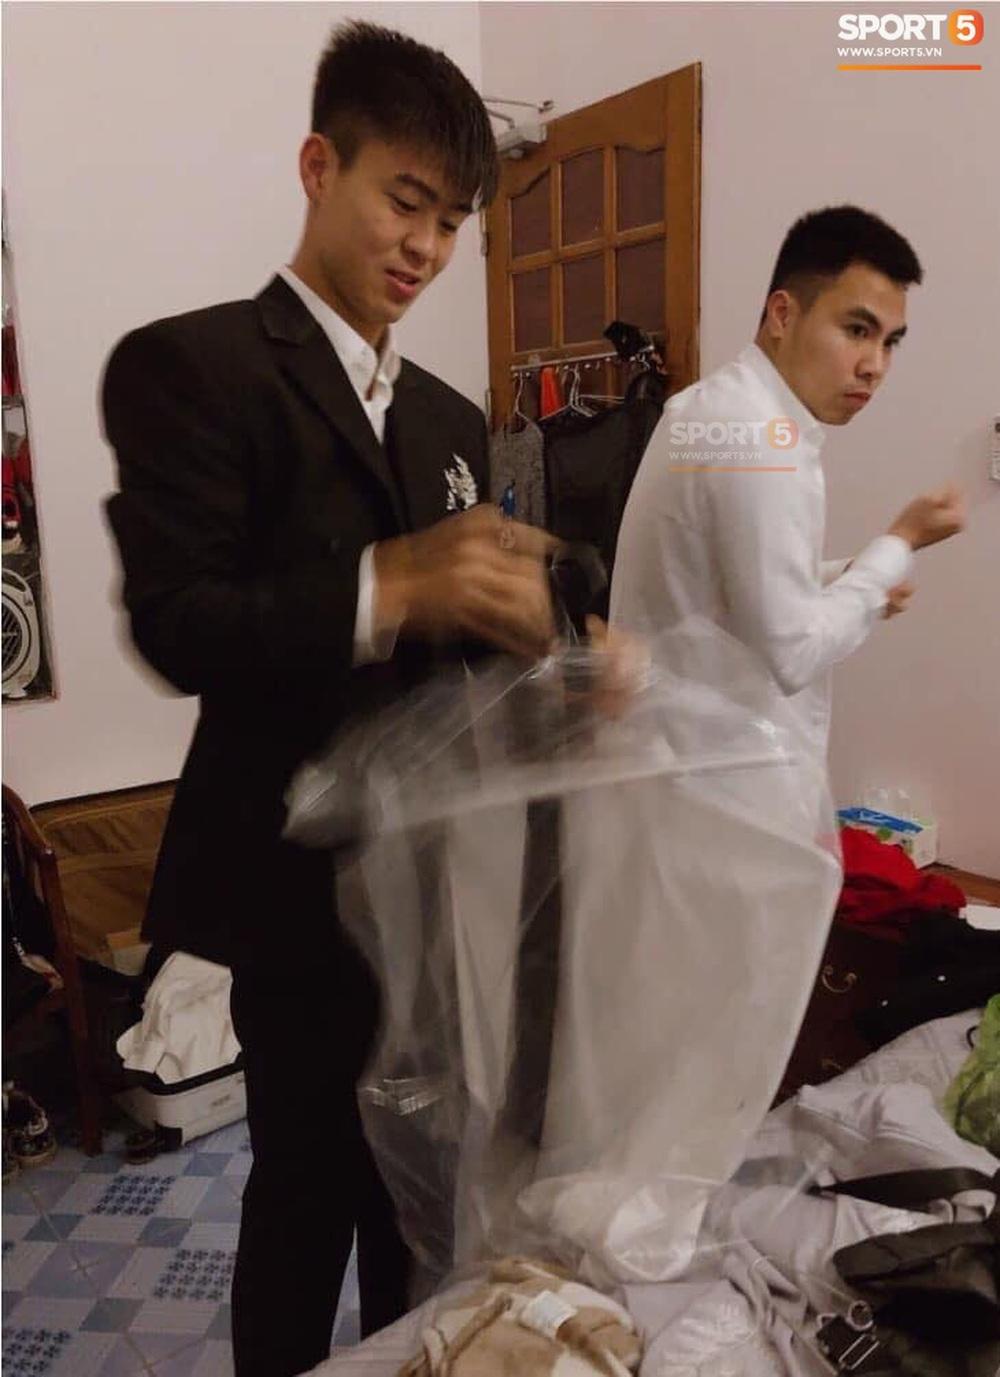 Lễ cưới Duy Mạnh - Quỳnh Anh: Cô dâu và chú rể trao nhẫn cho nhau trong tiếng reo hò của hơn một nghìn quan khách - Ảnh 23.